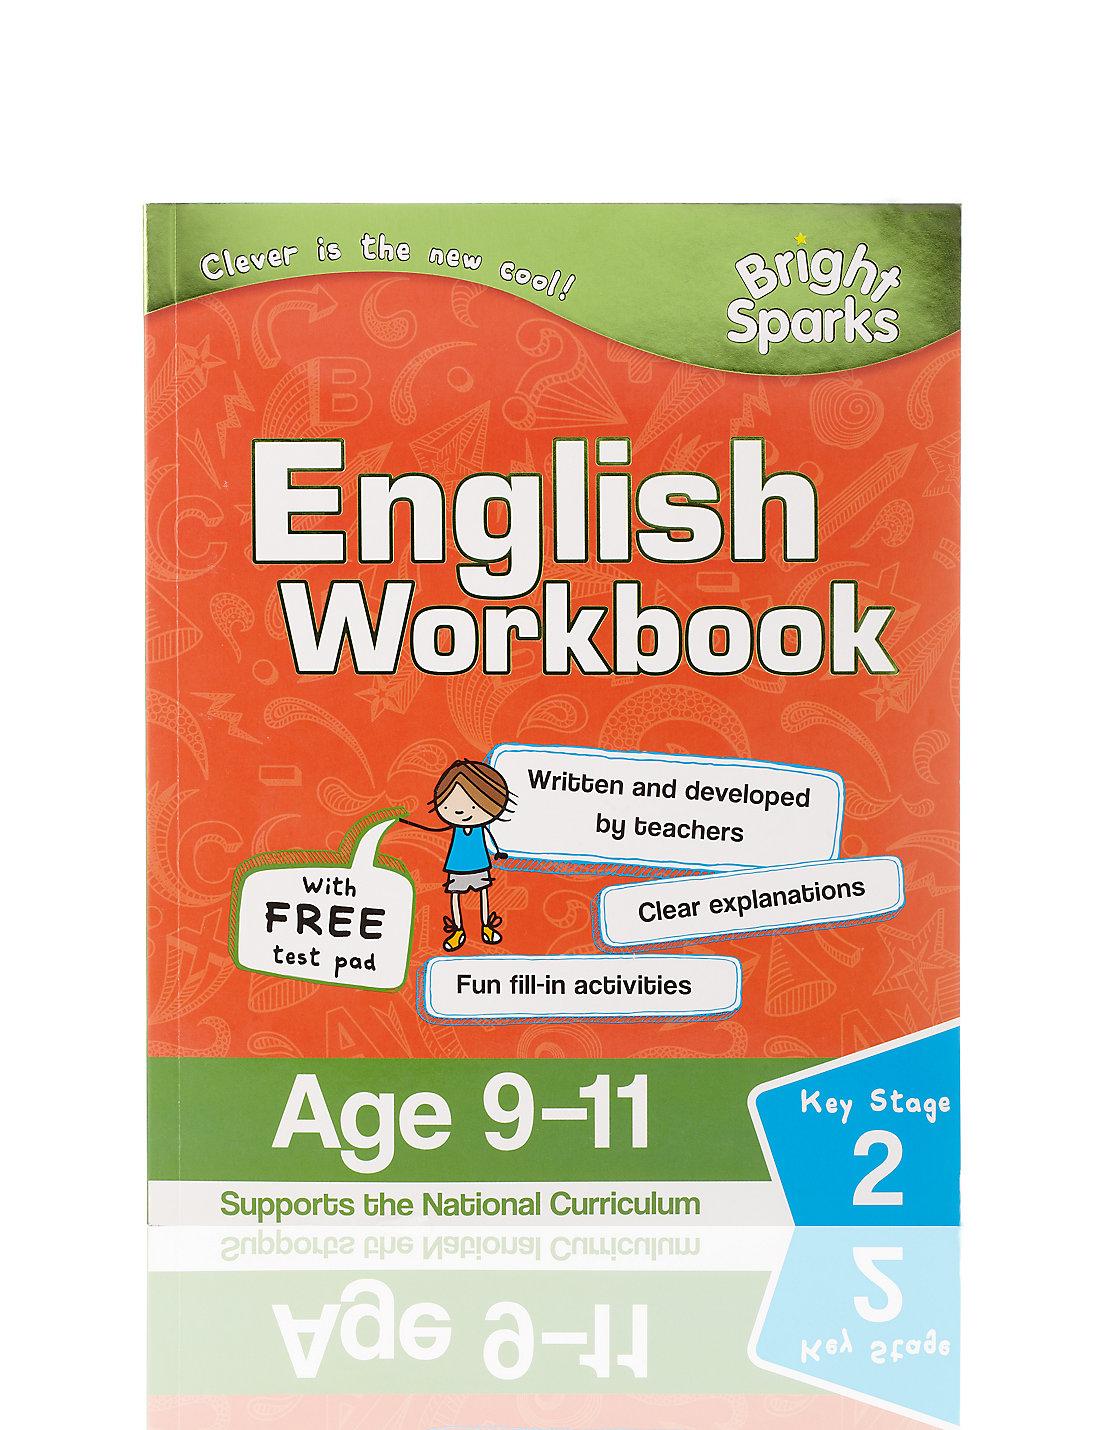 Workbooks key stage 2 workbooks : Bright Sparks Key Stage 2 English Workbook | M&S